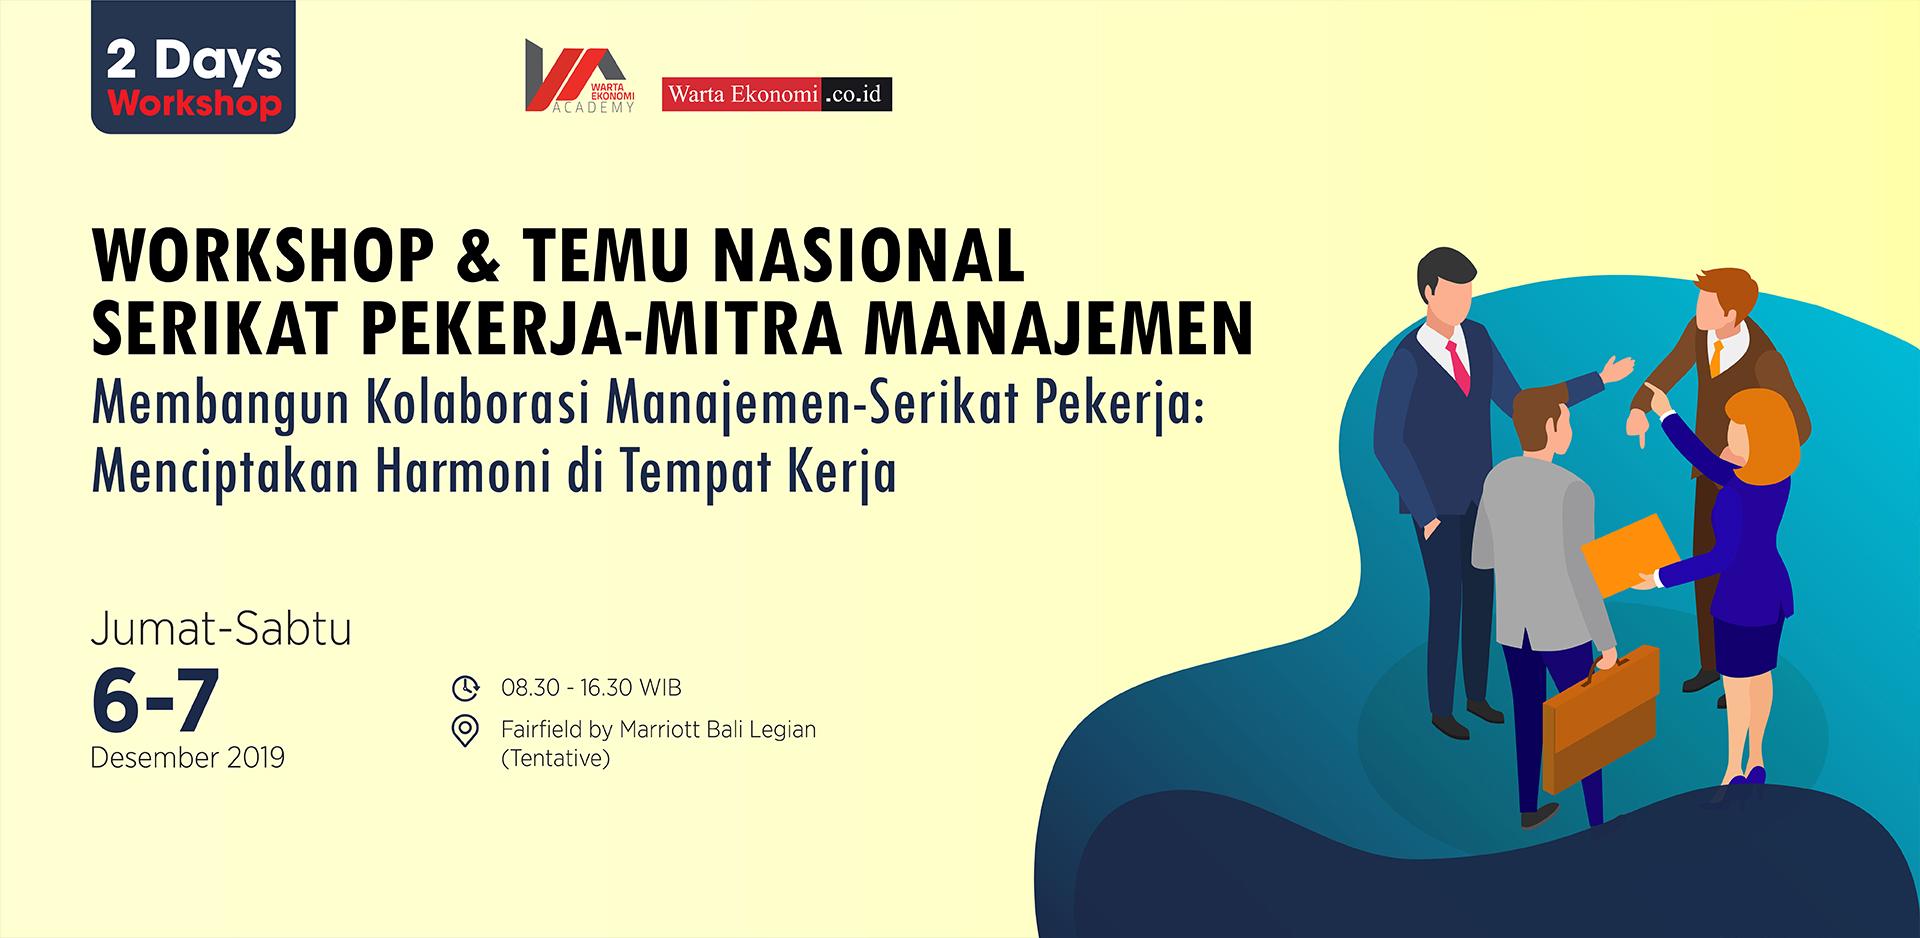 WORKSHOP & TEMU NASIONAL SERIKAT PEKERJA-MITRA MANAJEMEN